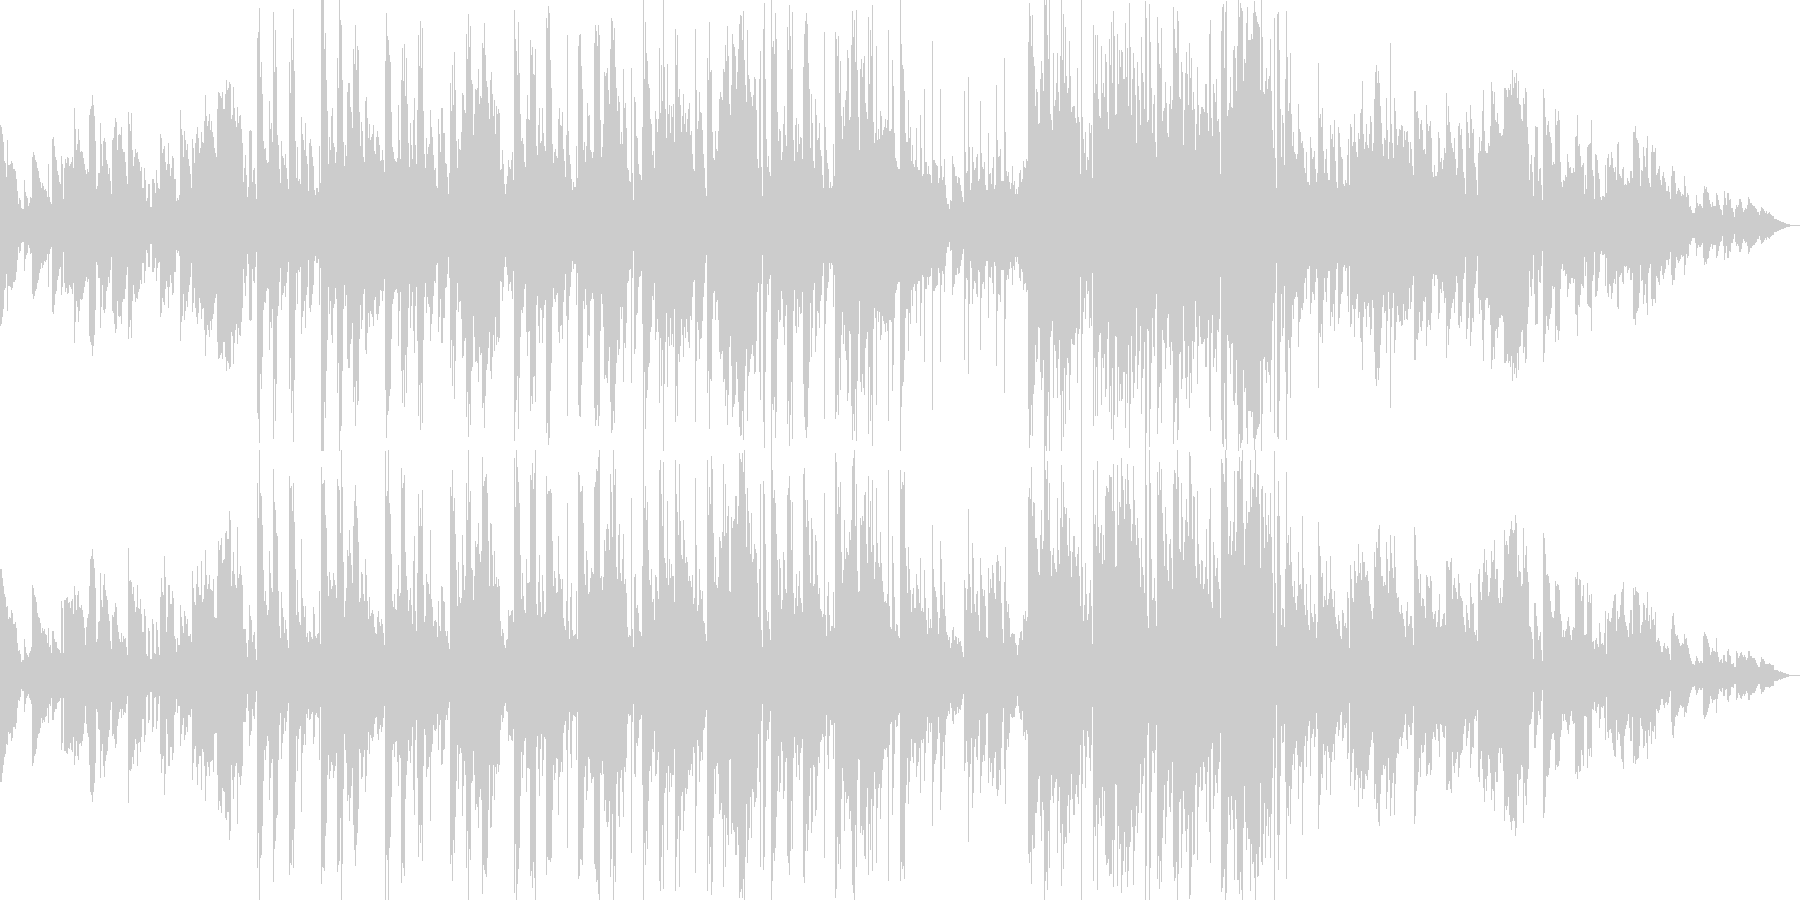 エレクトロニック サスペンス 説明...の未再生の波形